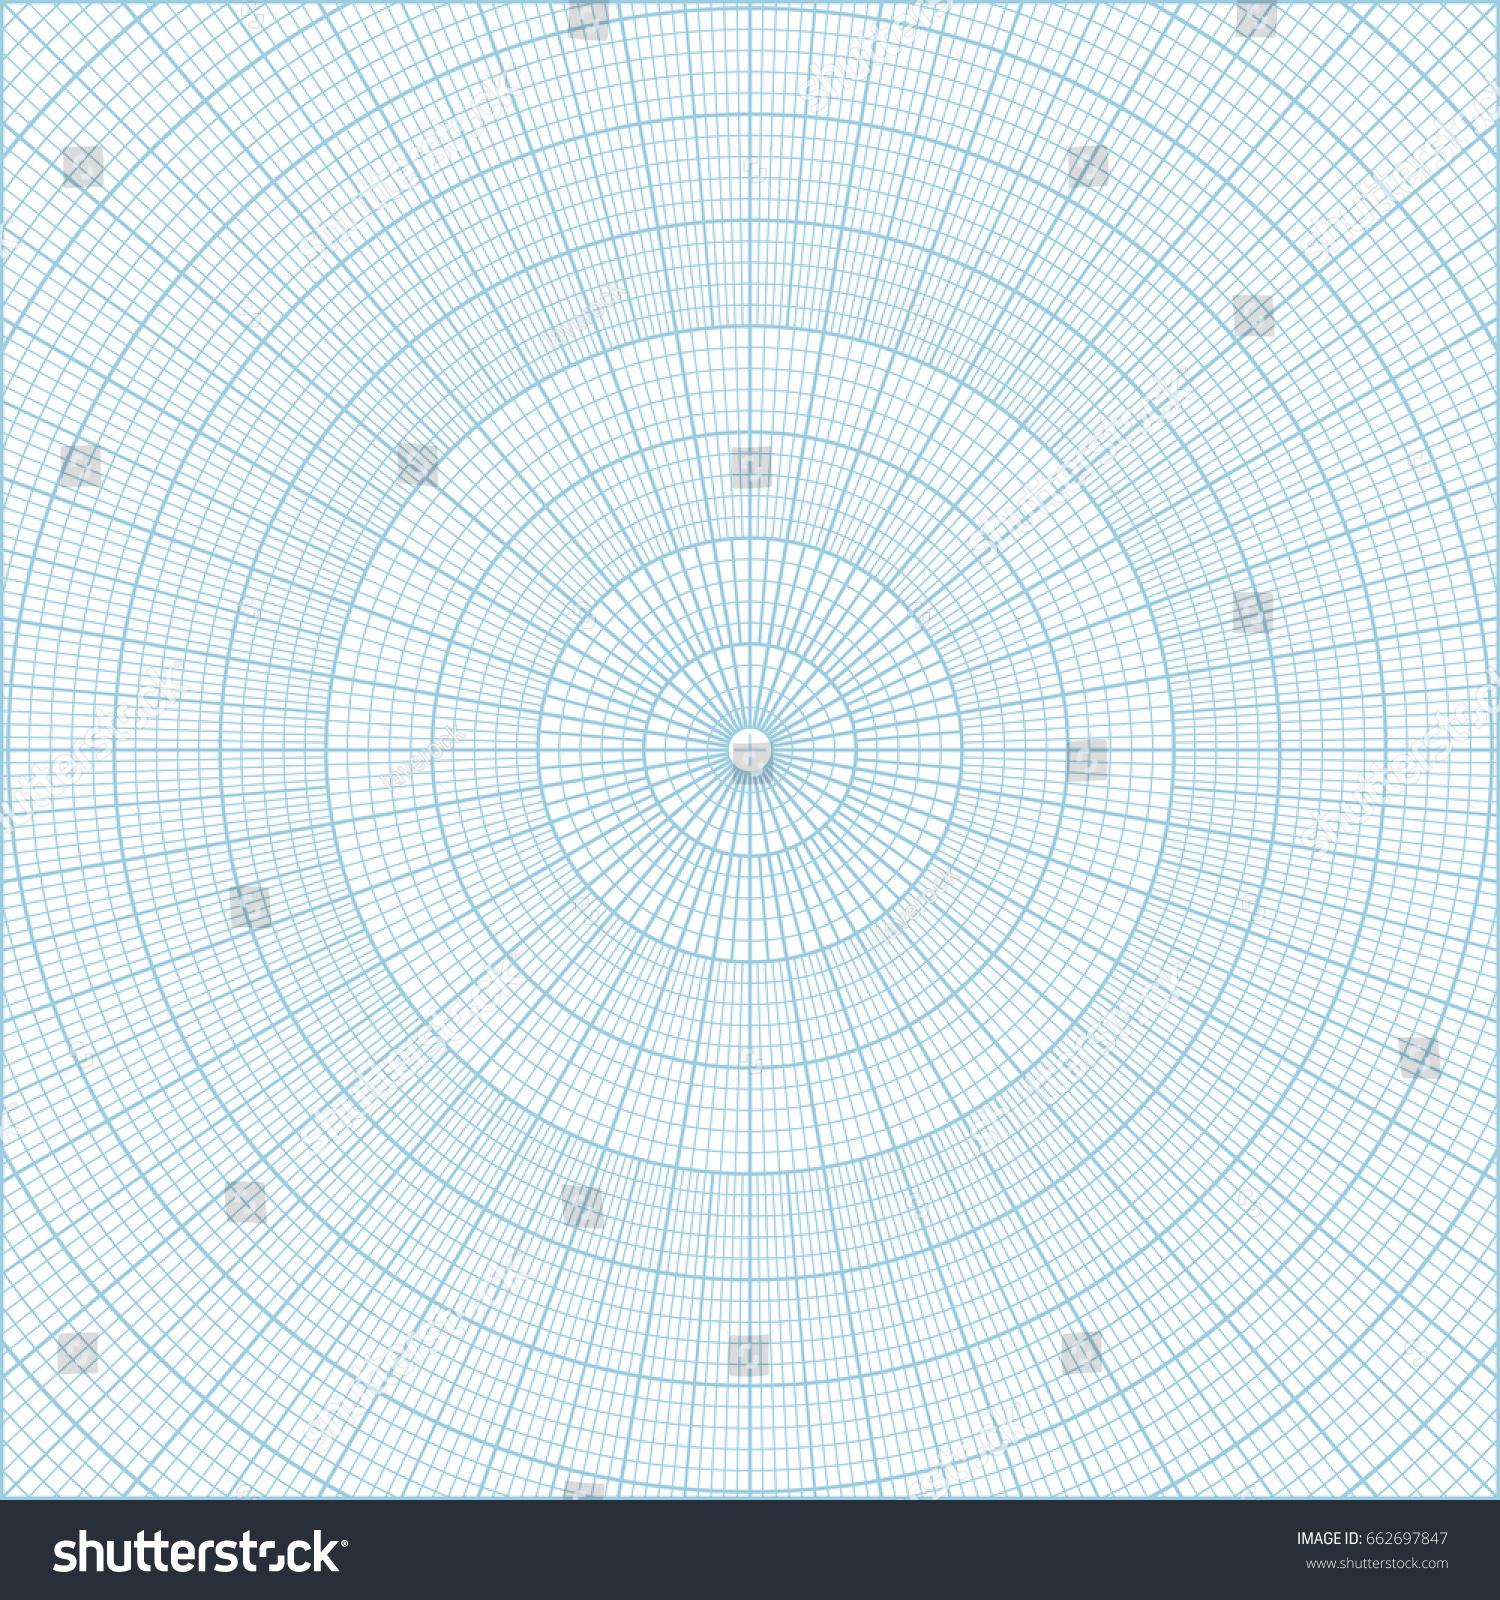 vetor stock de blue polar coordinate circular grid graph livre de